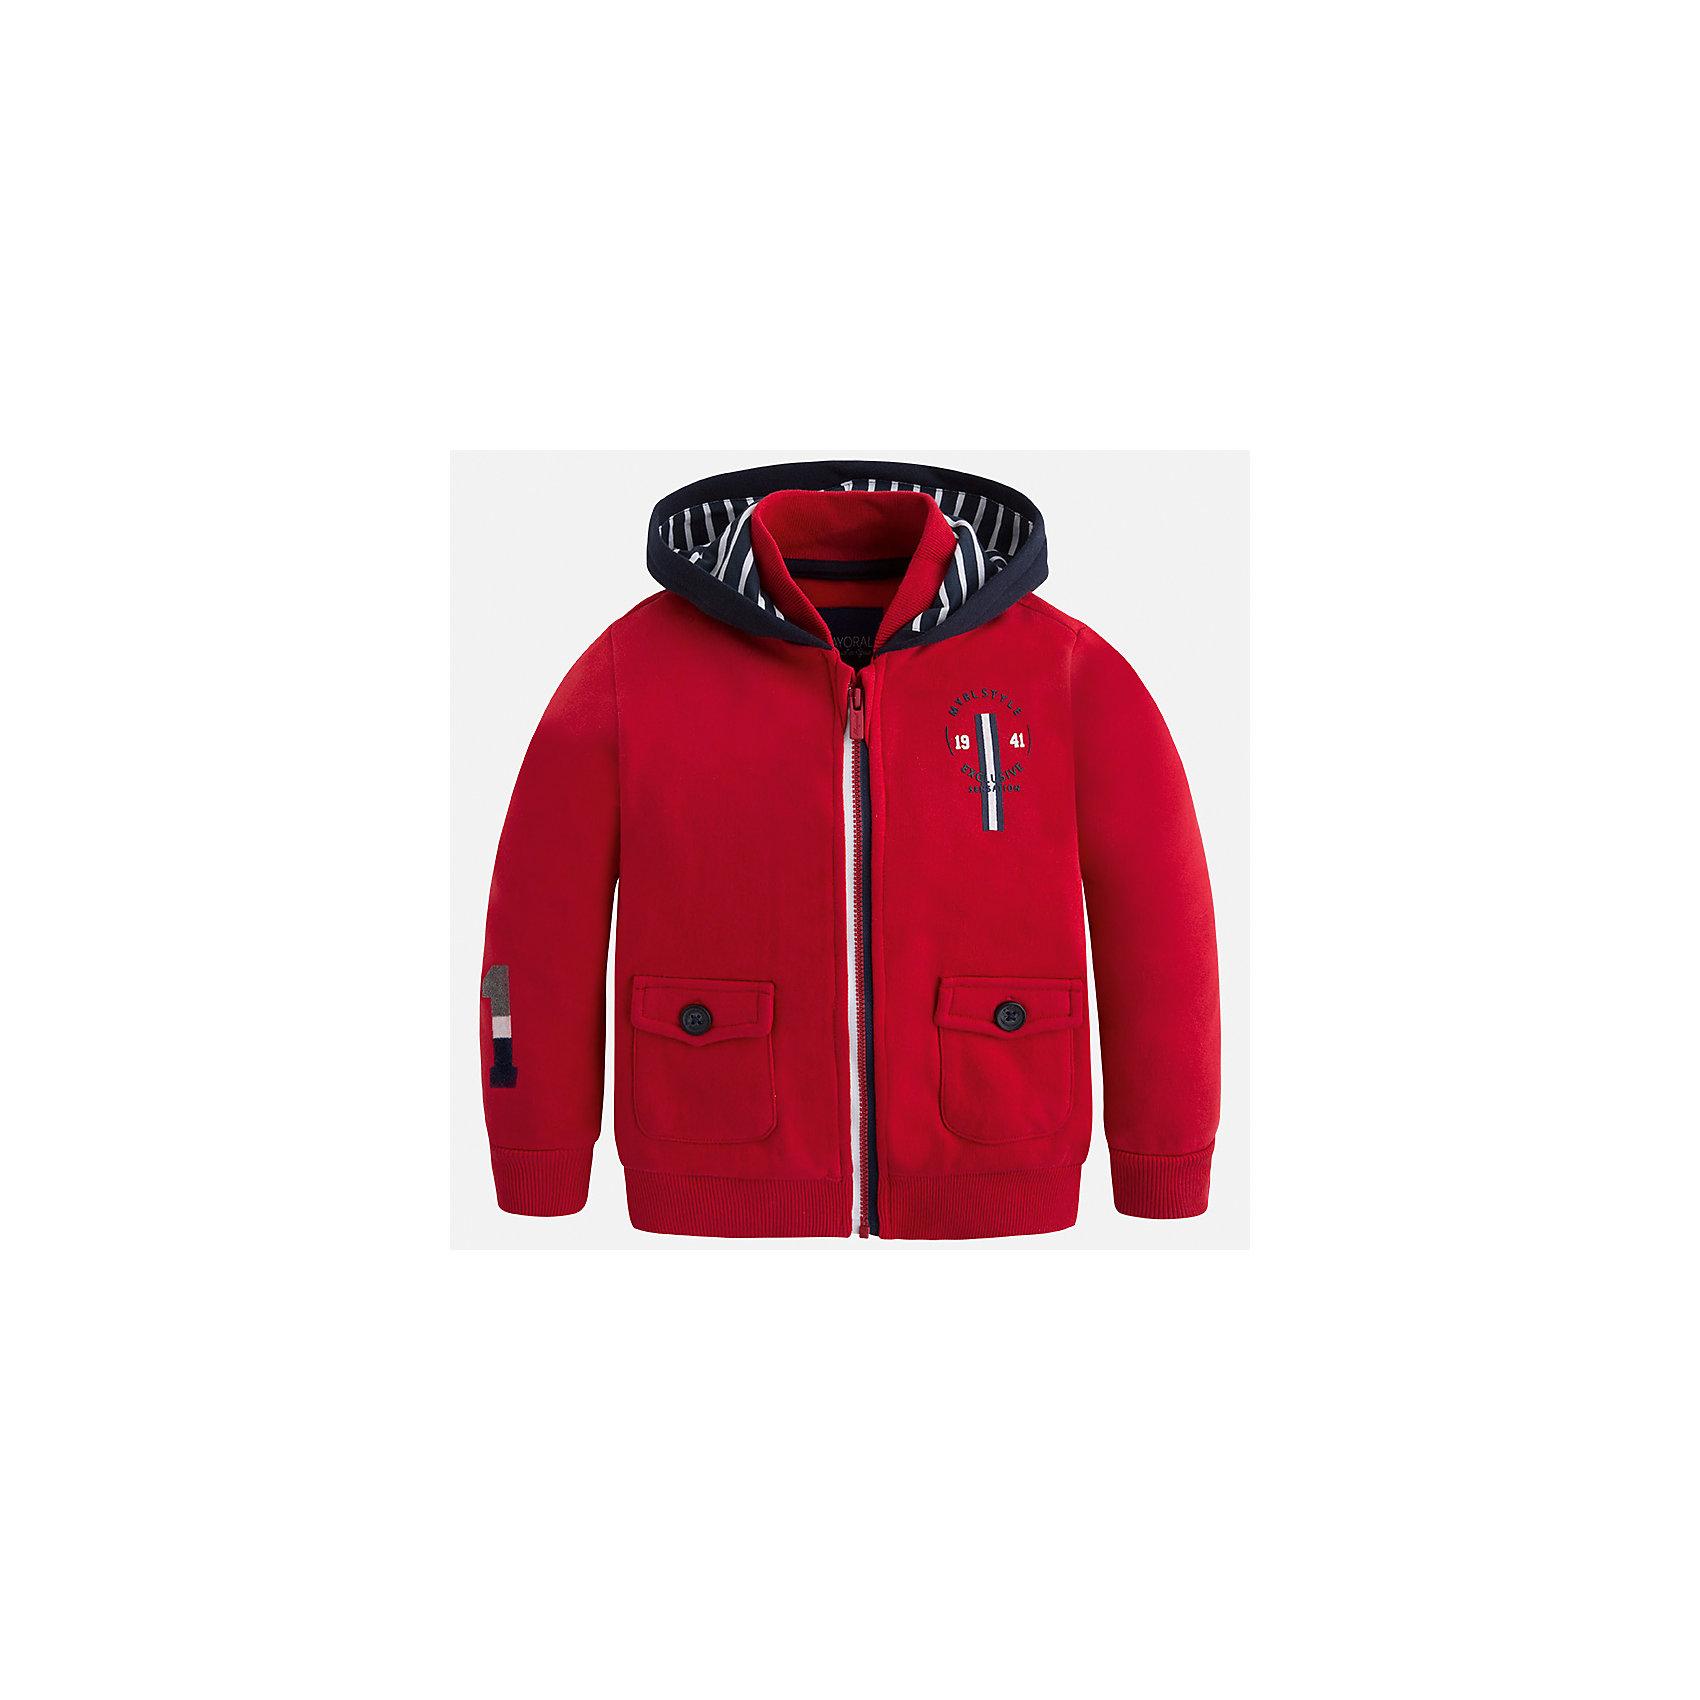 Куртка для мальчика MayoralДемисезонные куртки<br>Характеристики товара:<br><br>• цвет: красный<br>• состав ткани: 100% хлопок<br>• сезон: демисезон<br>• особенности толстовки: с манжетами, на молнии<br>• капюшон: без меха, несъемный<br>• застежка: молния<br>• страна бренда: Испания<br>• страна изготовитель: Индия<br><br>Такая детская толстовка от Mayoral дополнена удобными карманами и капюшоном. Толстовка для мальчика сшита из приятного на ощупь хлопкового материала. Детская одежда от испанской компании Mayoral, как и эта яркая толстовка для мальчика, отличается оригинальным и всегда стильным дизайном. Качество продукции неизменно очень высокое. <br><br>Толстовку для мальчика Mayoral (Майорал) можно купить в нашем интернет-магазине.<br><br>Ширина мм: 356<br>Глубина мм: 10<br>Высота мм: 245<br>Вес г: 519<br>Цвет: бежевый<br>Возраст от месяцев: 96<br>Возраст до месяцев: 108<br>Пол: Мужской<br>Возраст: Детский<br>Размер: 134,92,98,104,110,116,122,128<br>SKU: 6932825